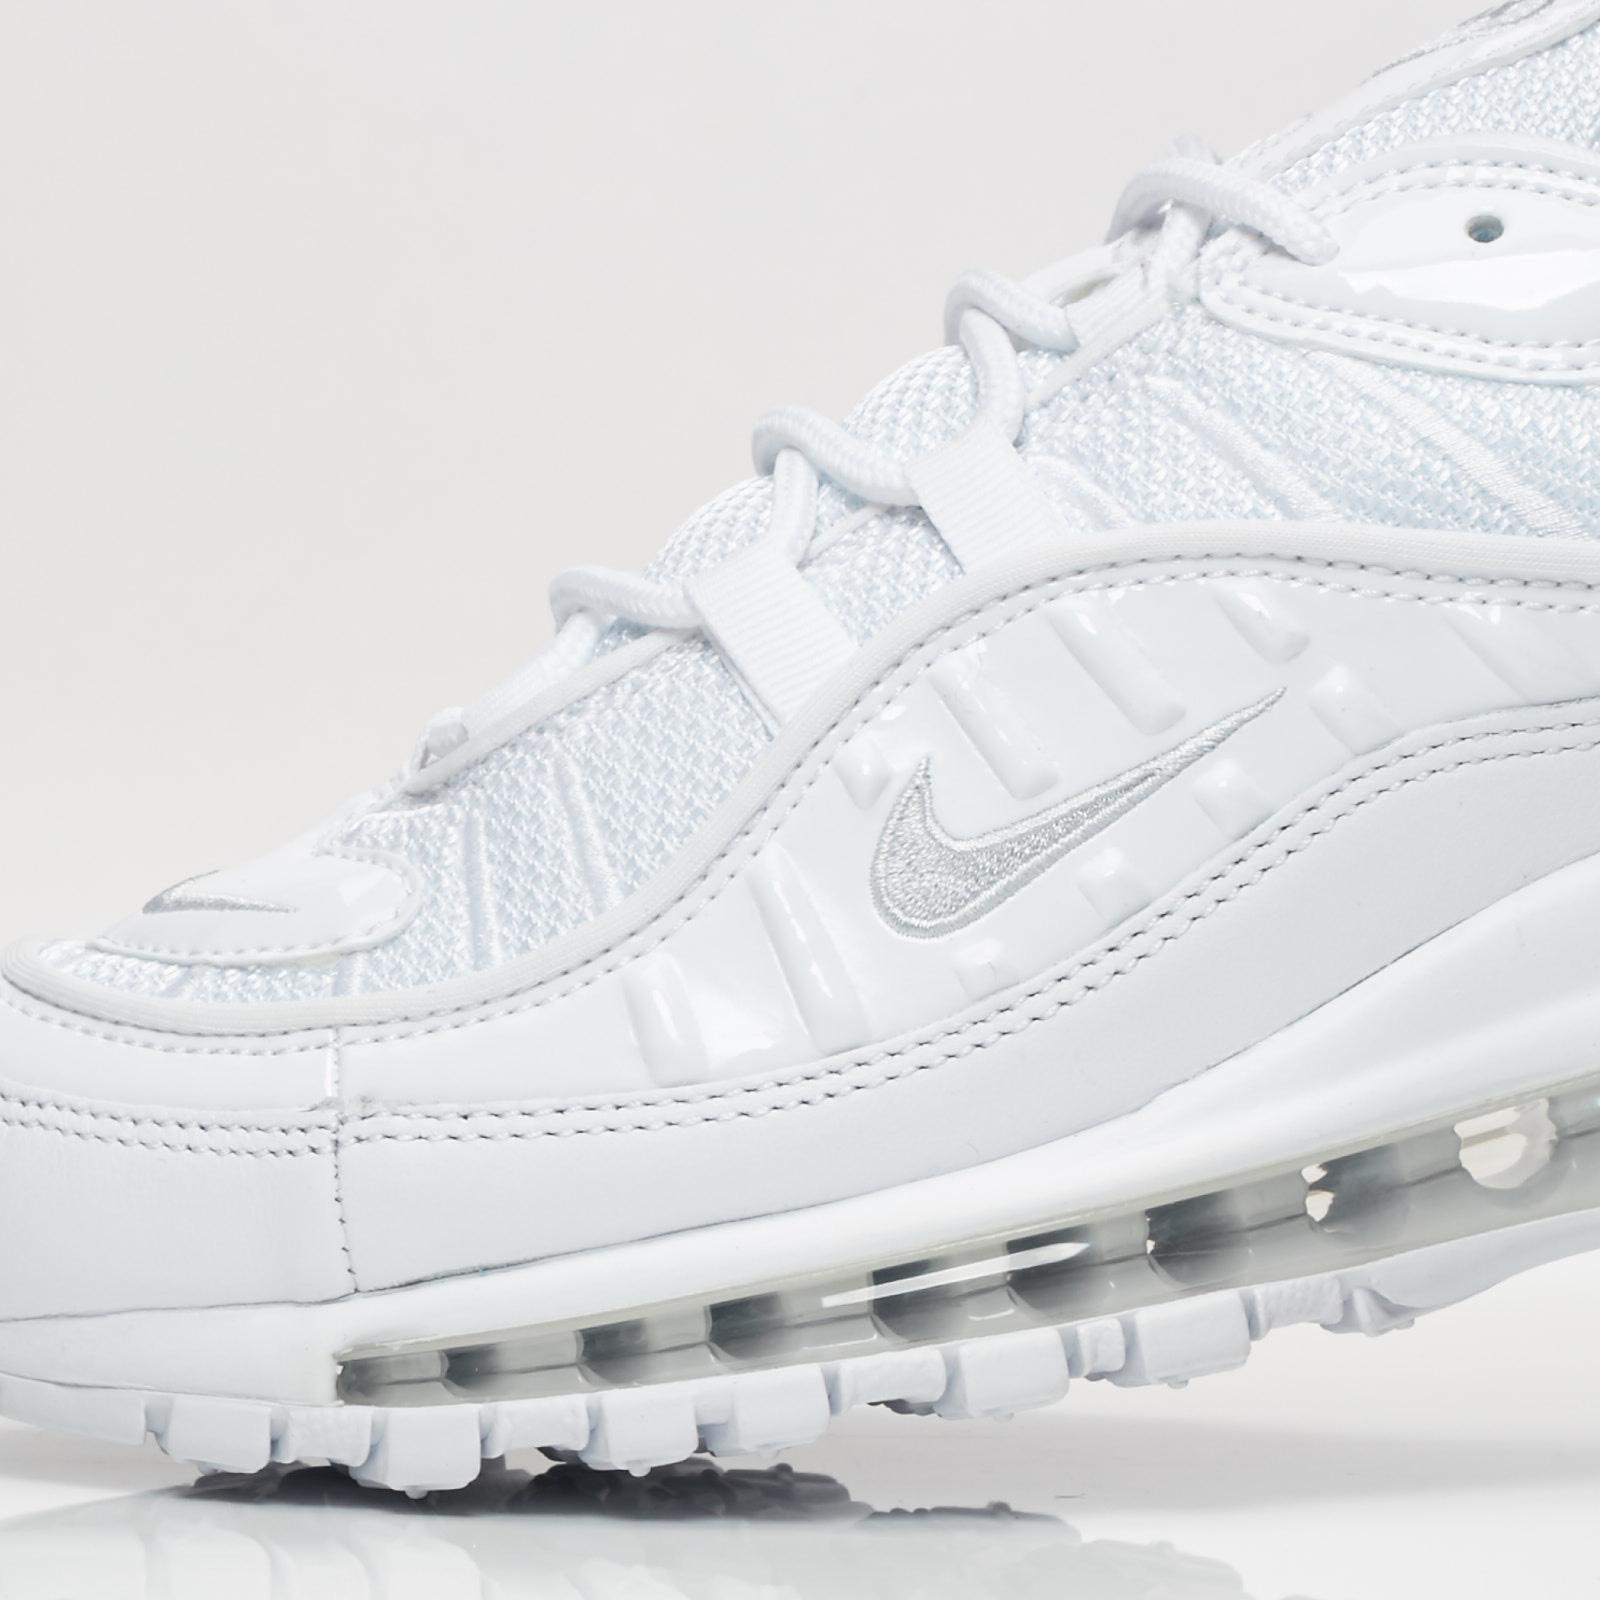 8110b01d5f36 Nike Air Max 98 - 640744-106 - Sneakersnstuff